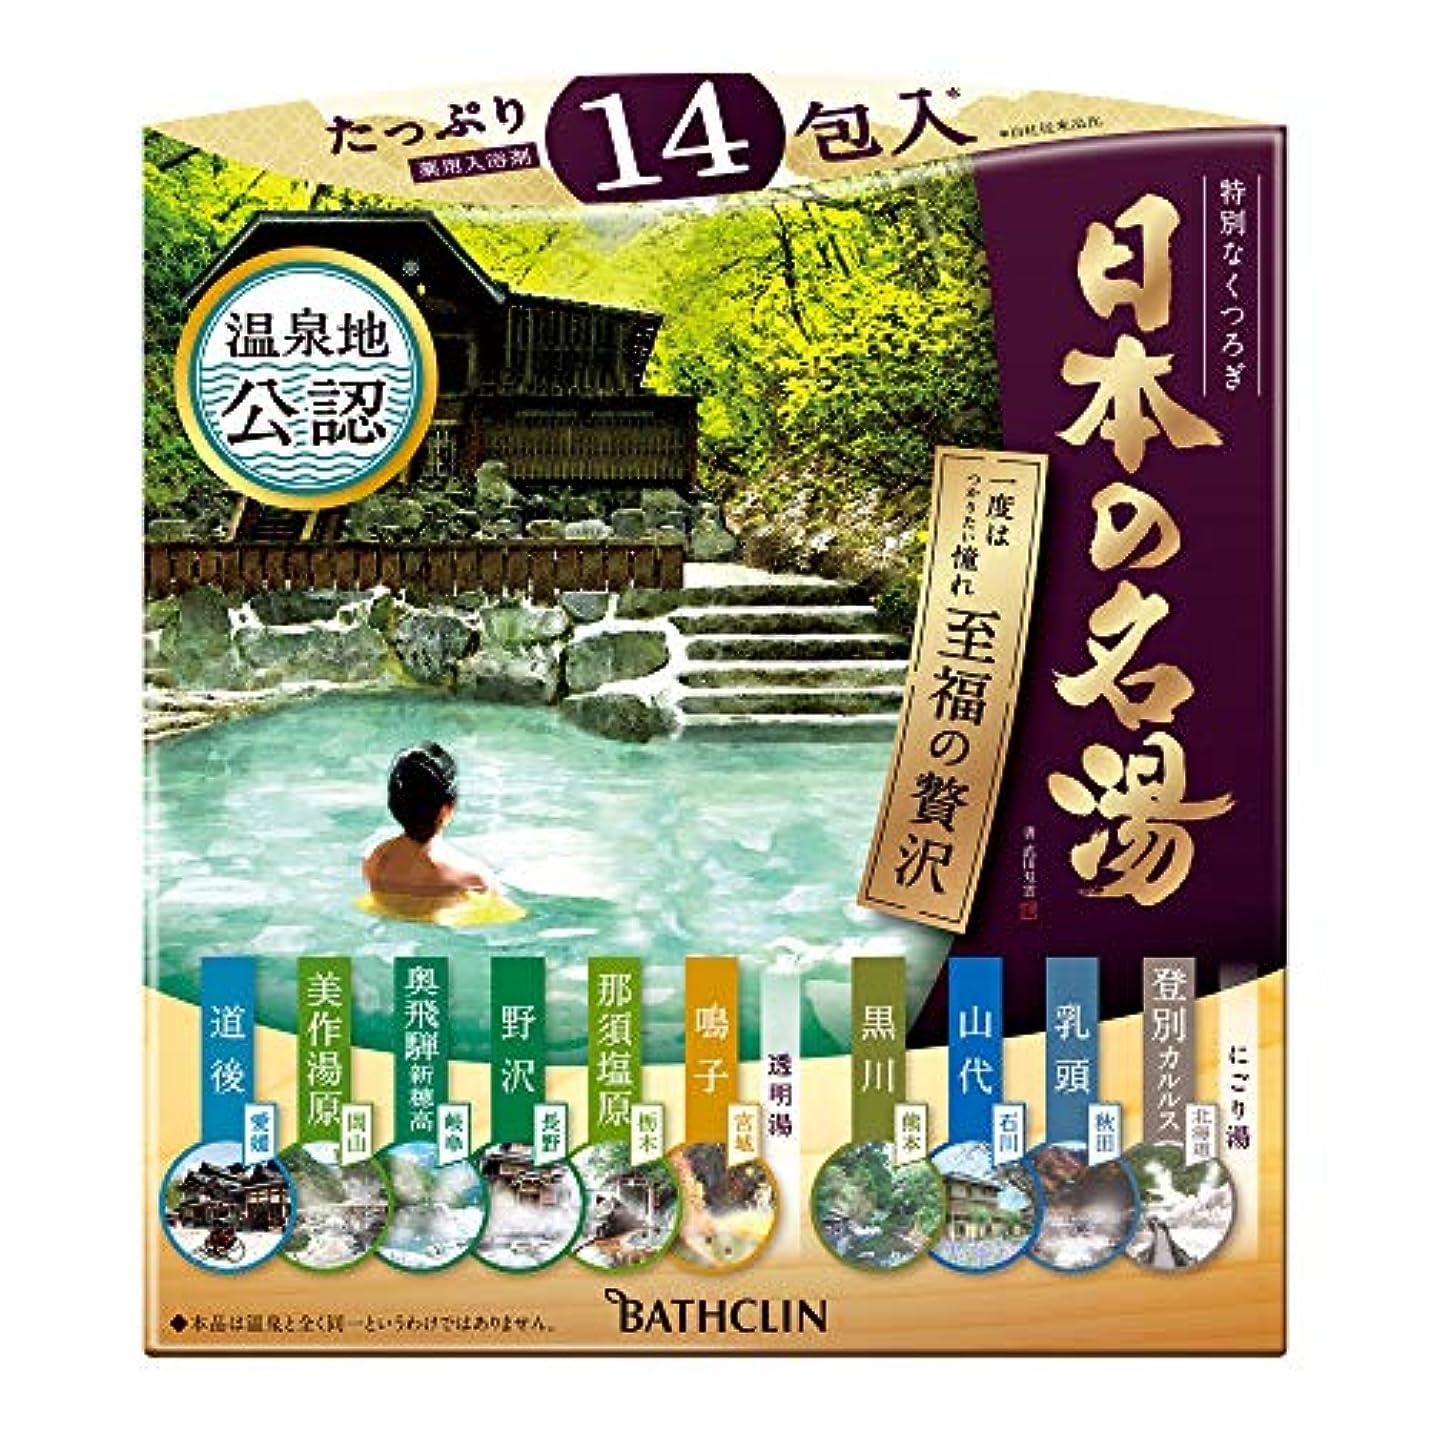 組み合わせる群衆再集計日本の名湯 至福の贅沢 入浴剤 色と香りで情緒を表現した温泉タイプ入浴剤 セット 30g×14包